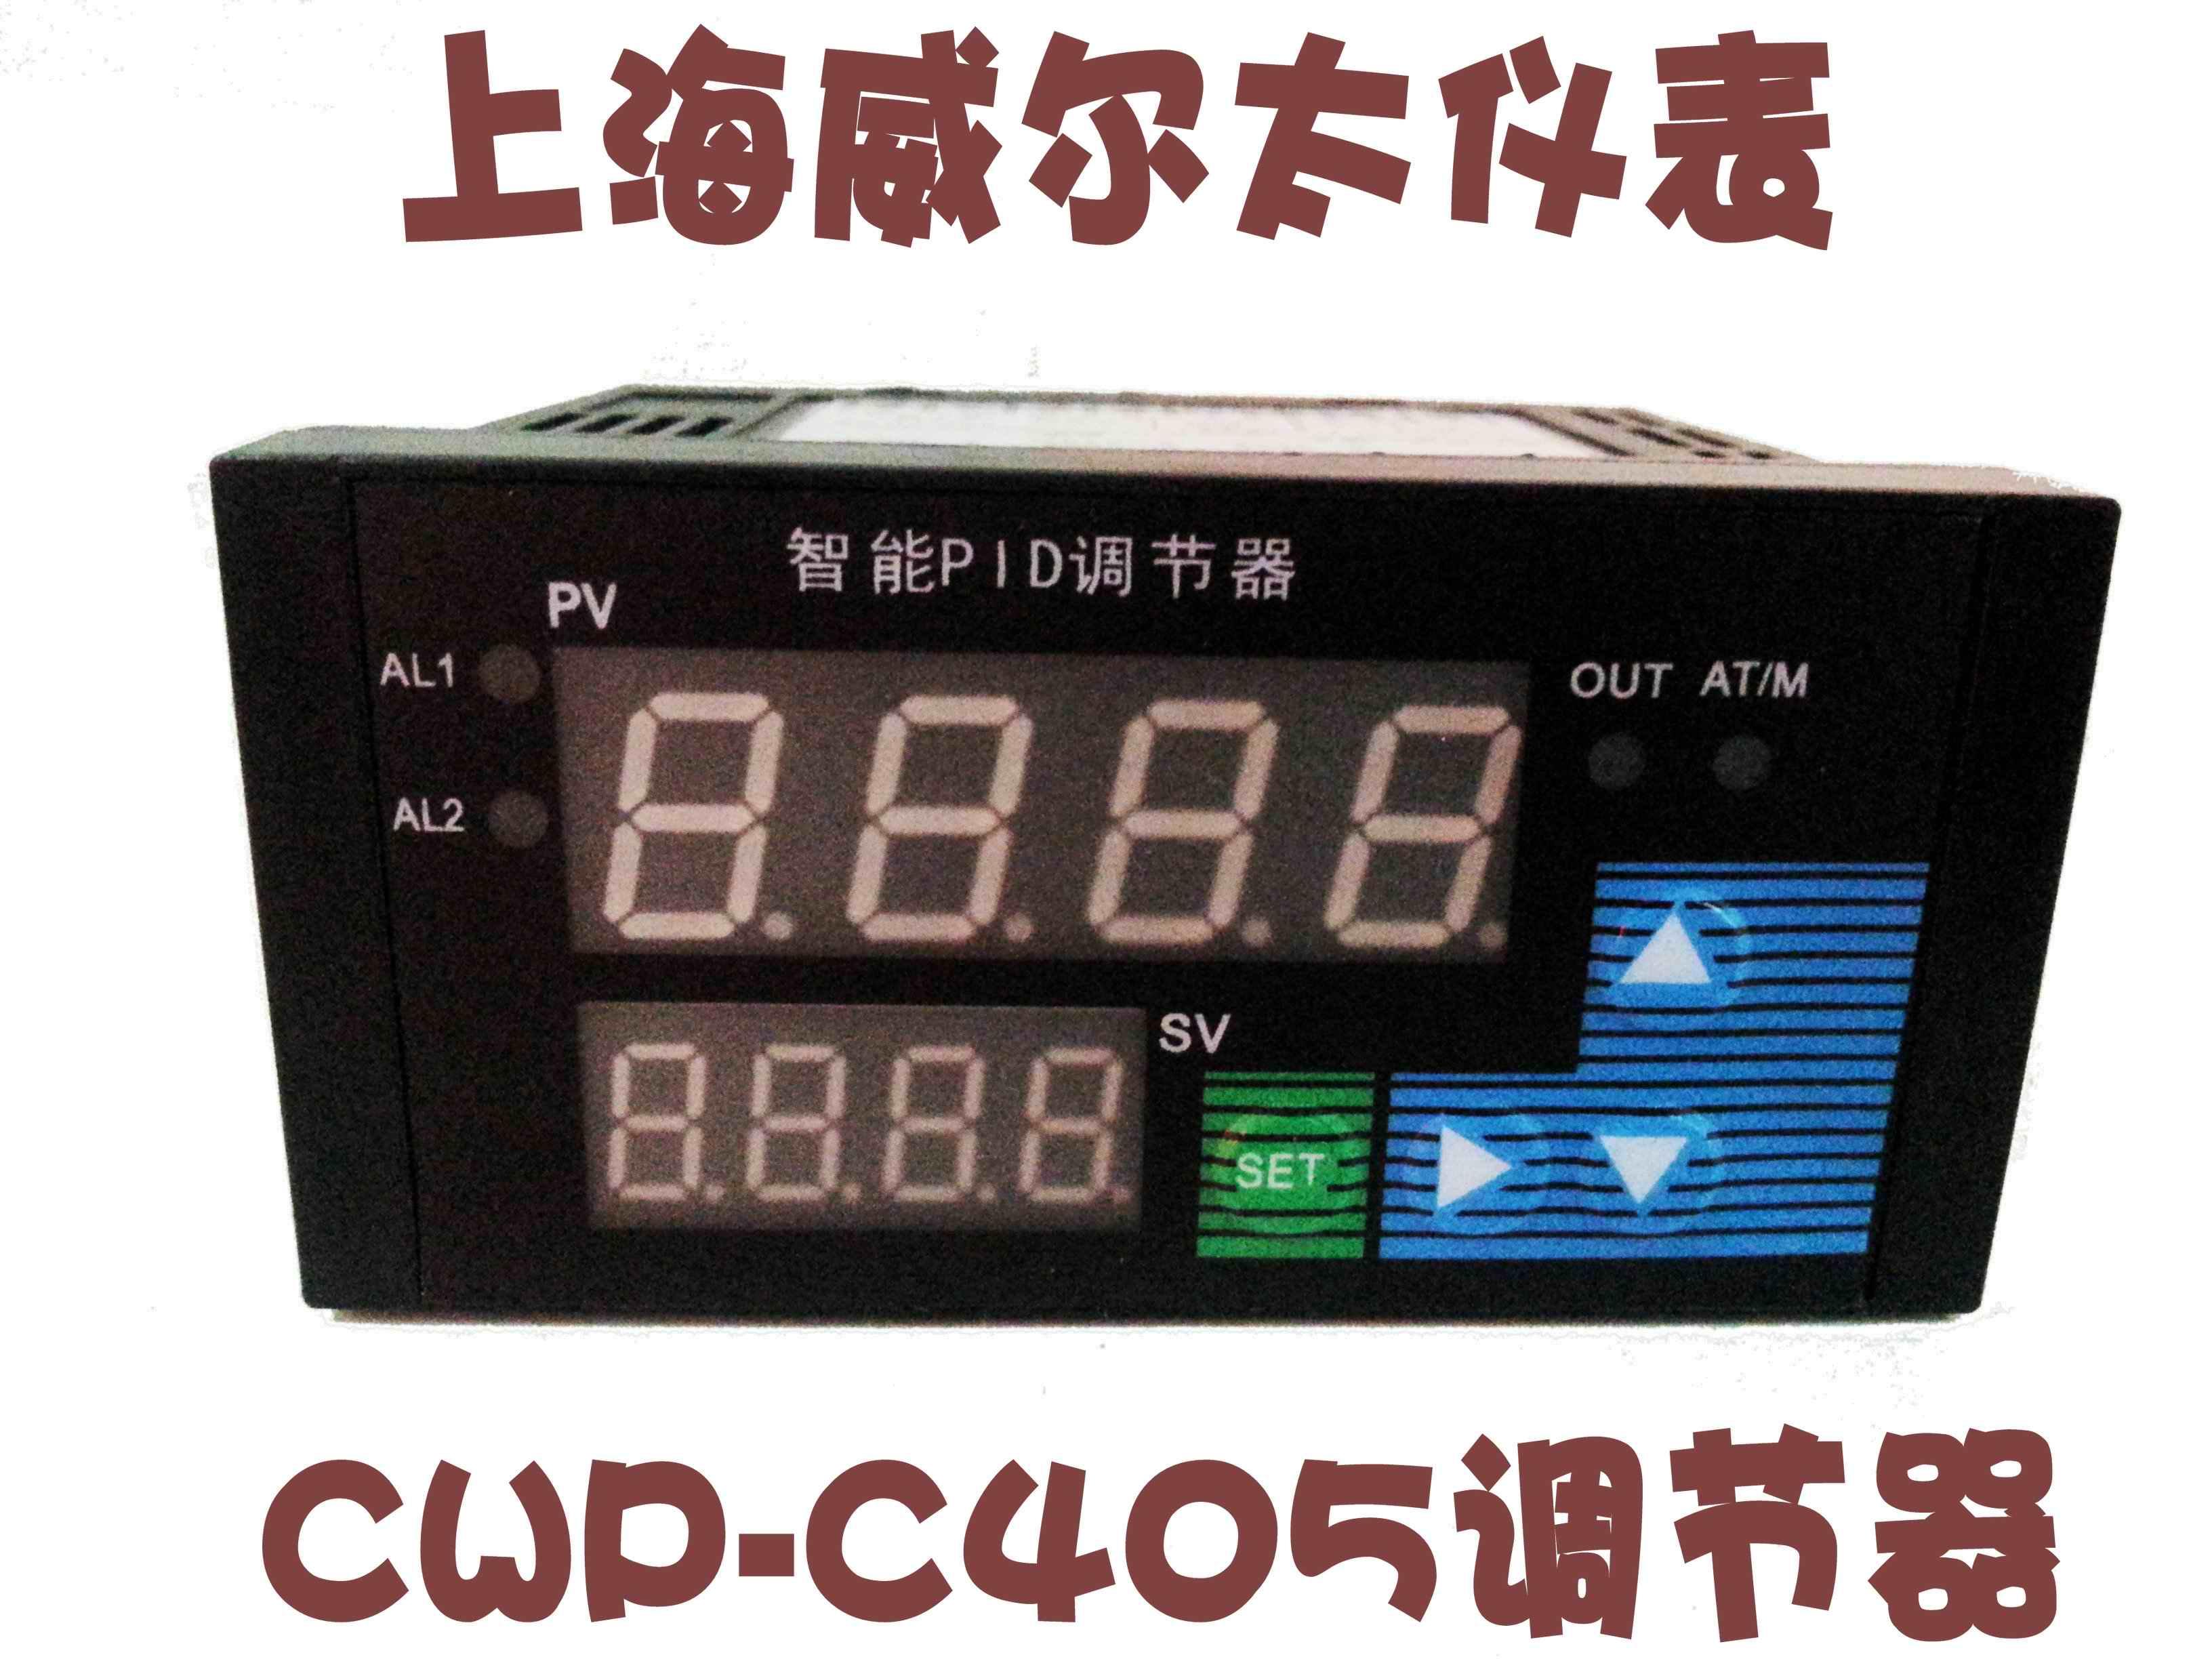 CWP-C405 Temperature Pressure Liquid Level Regulator PID Control Output Regulator